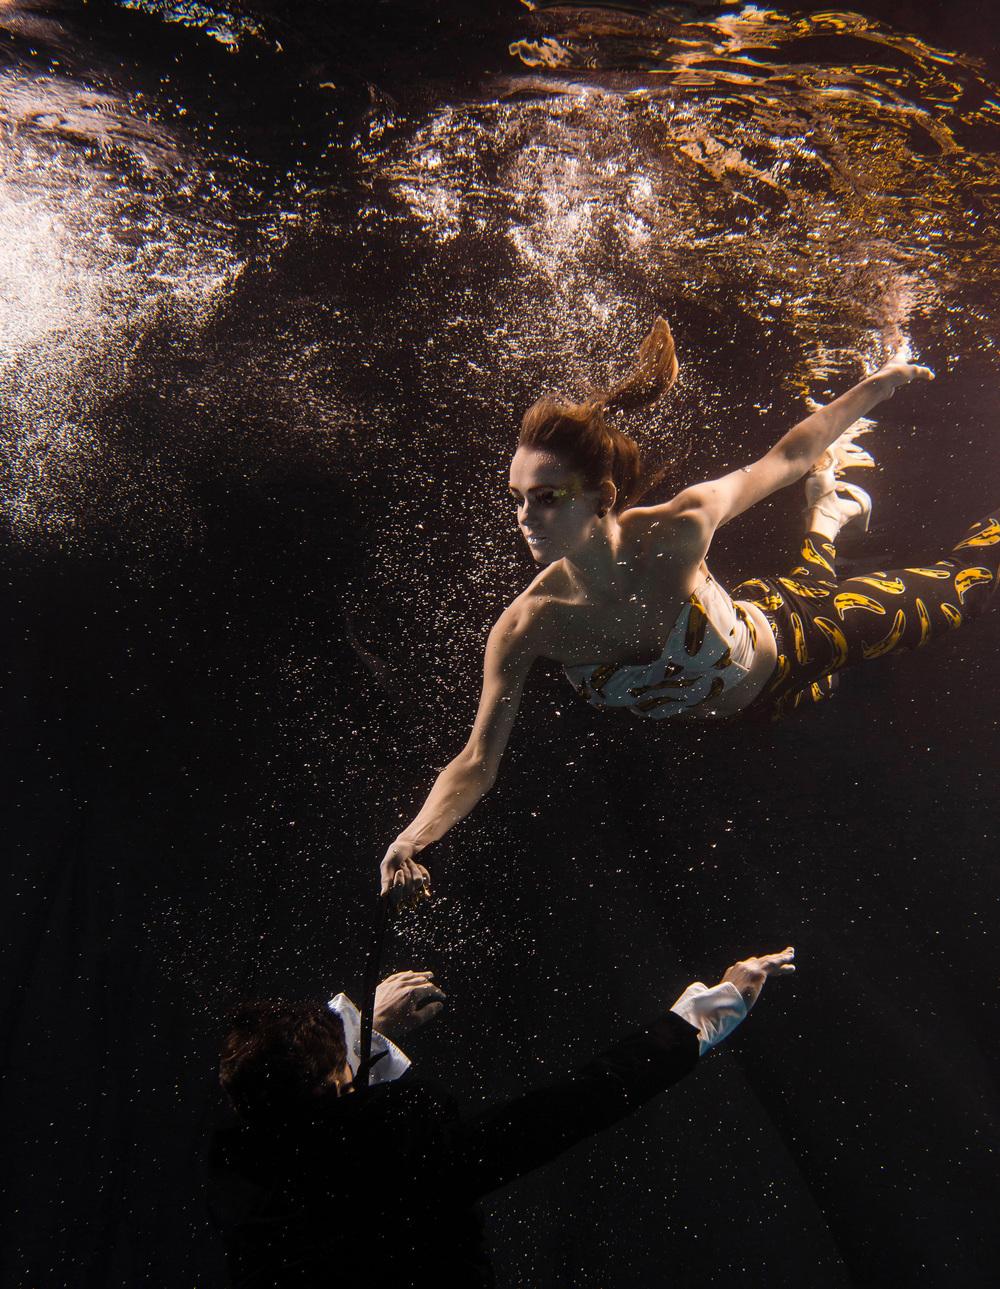 Incredible light captures this dancer duo underwater. ©- Matt Porteous